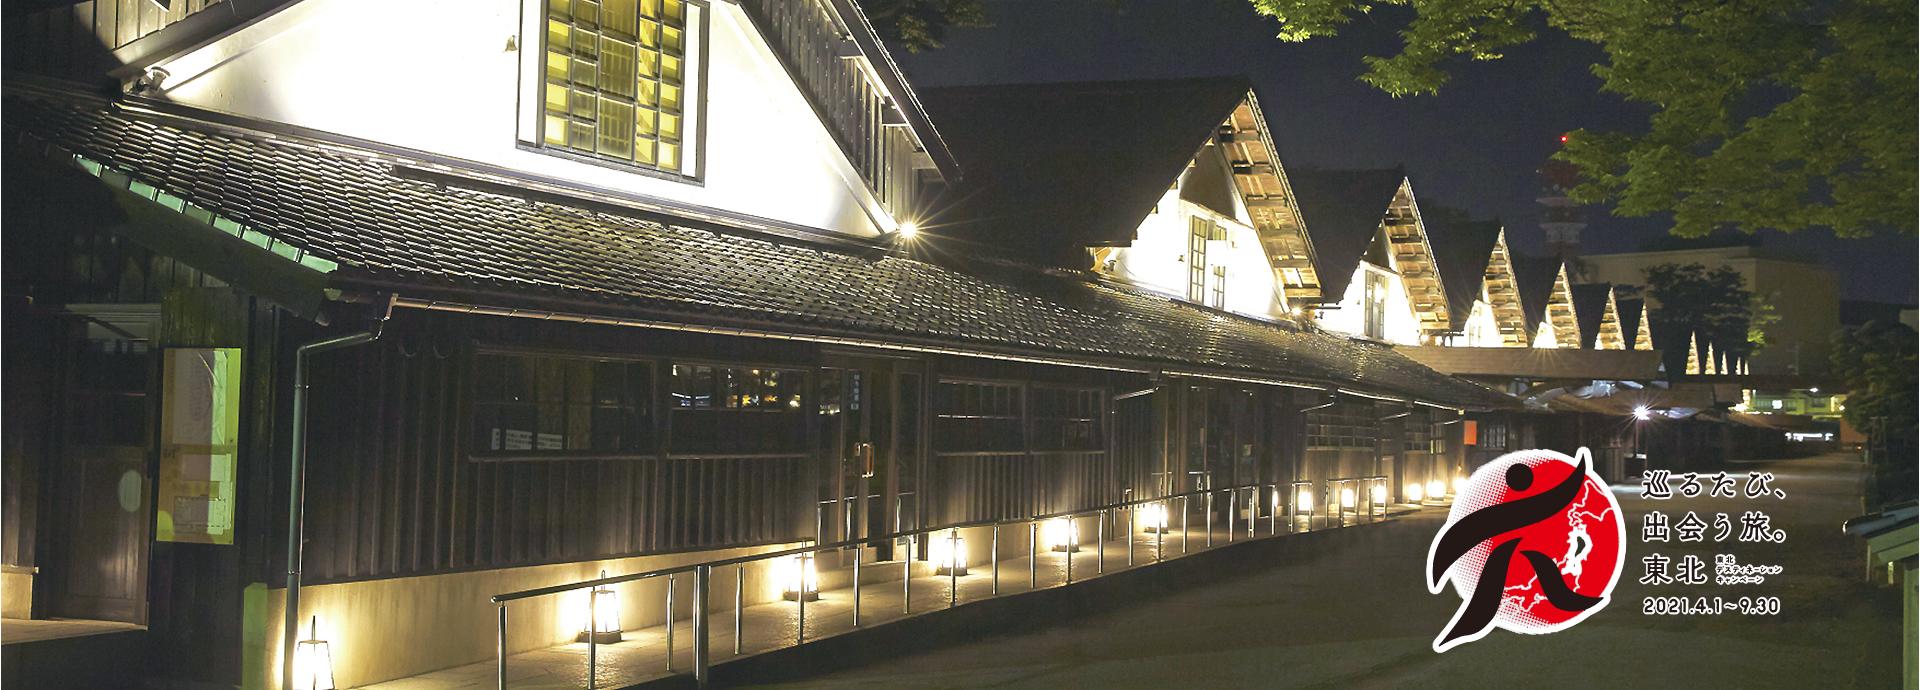 北前船と庄内米の歴史「山居倉庫」